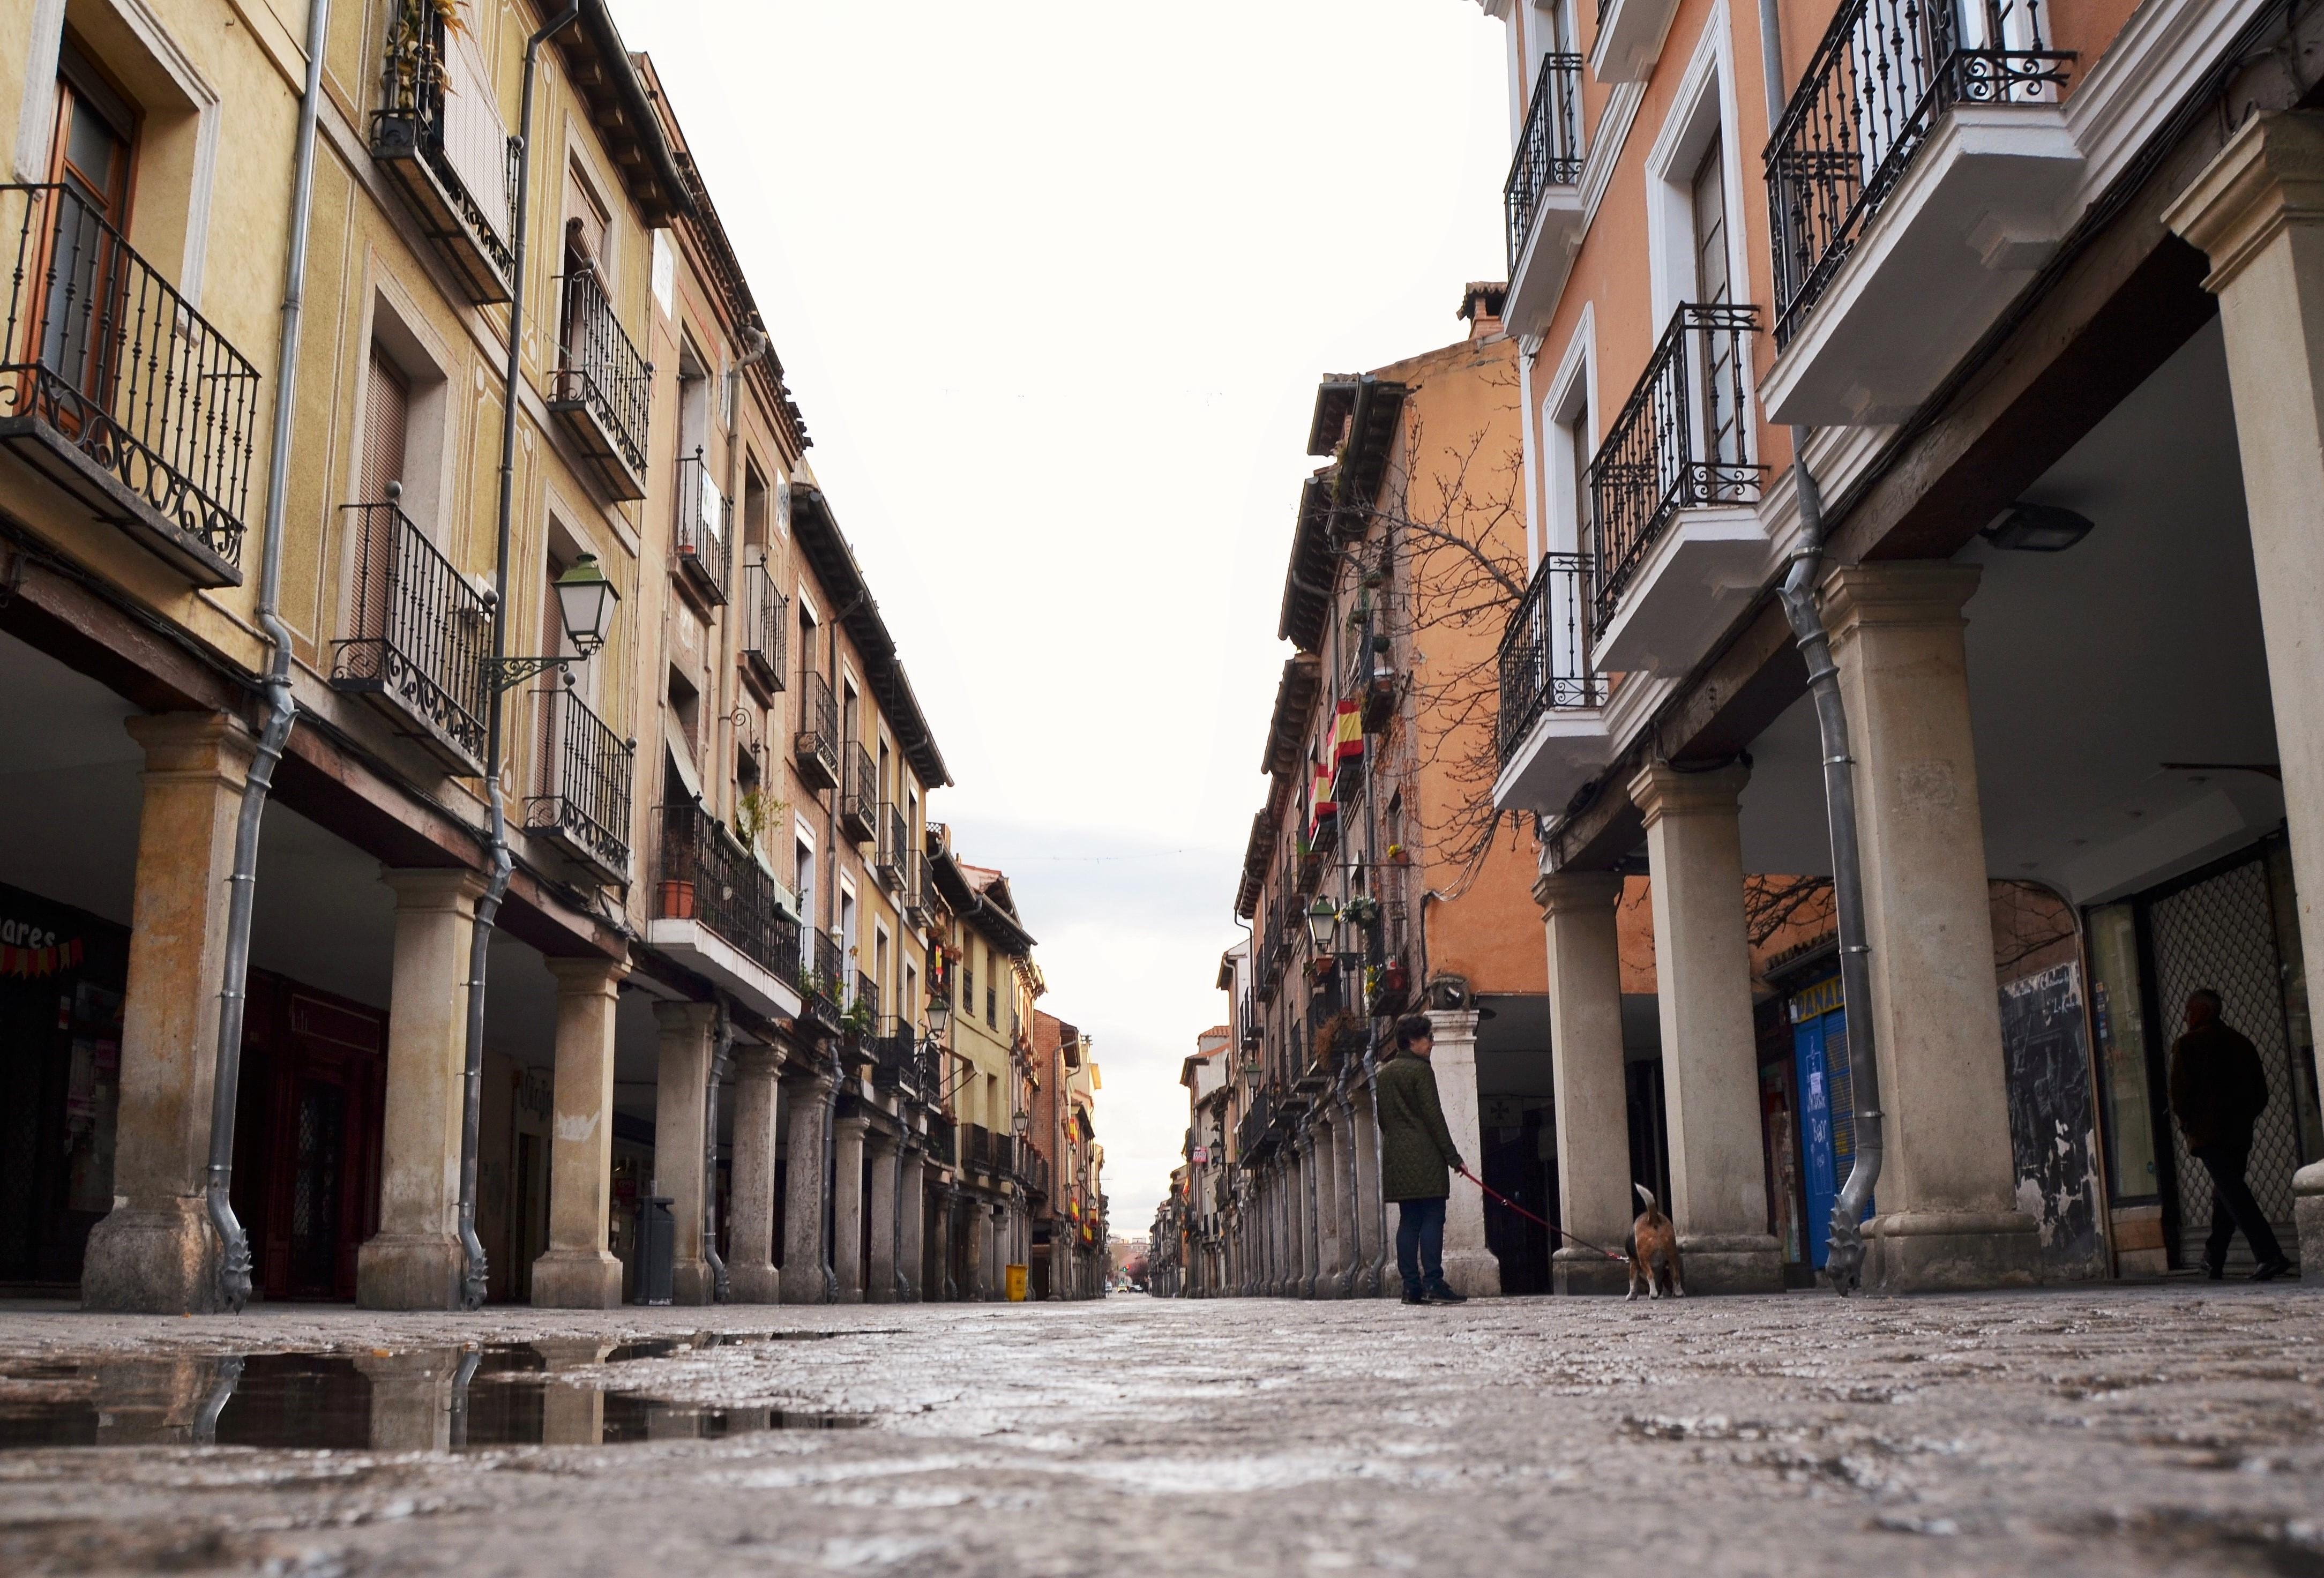 Historia alcala henares for Ciudad 10 alcala de henares